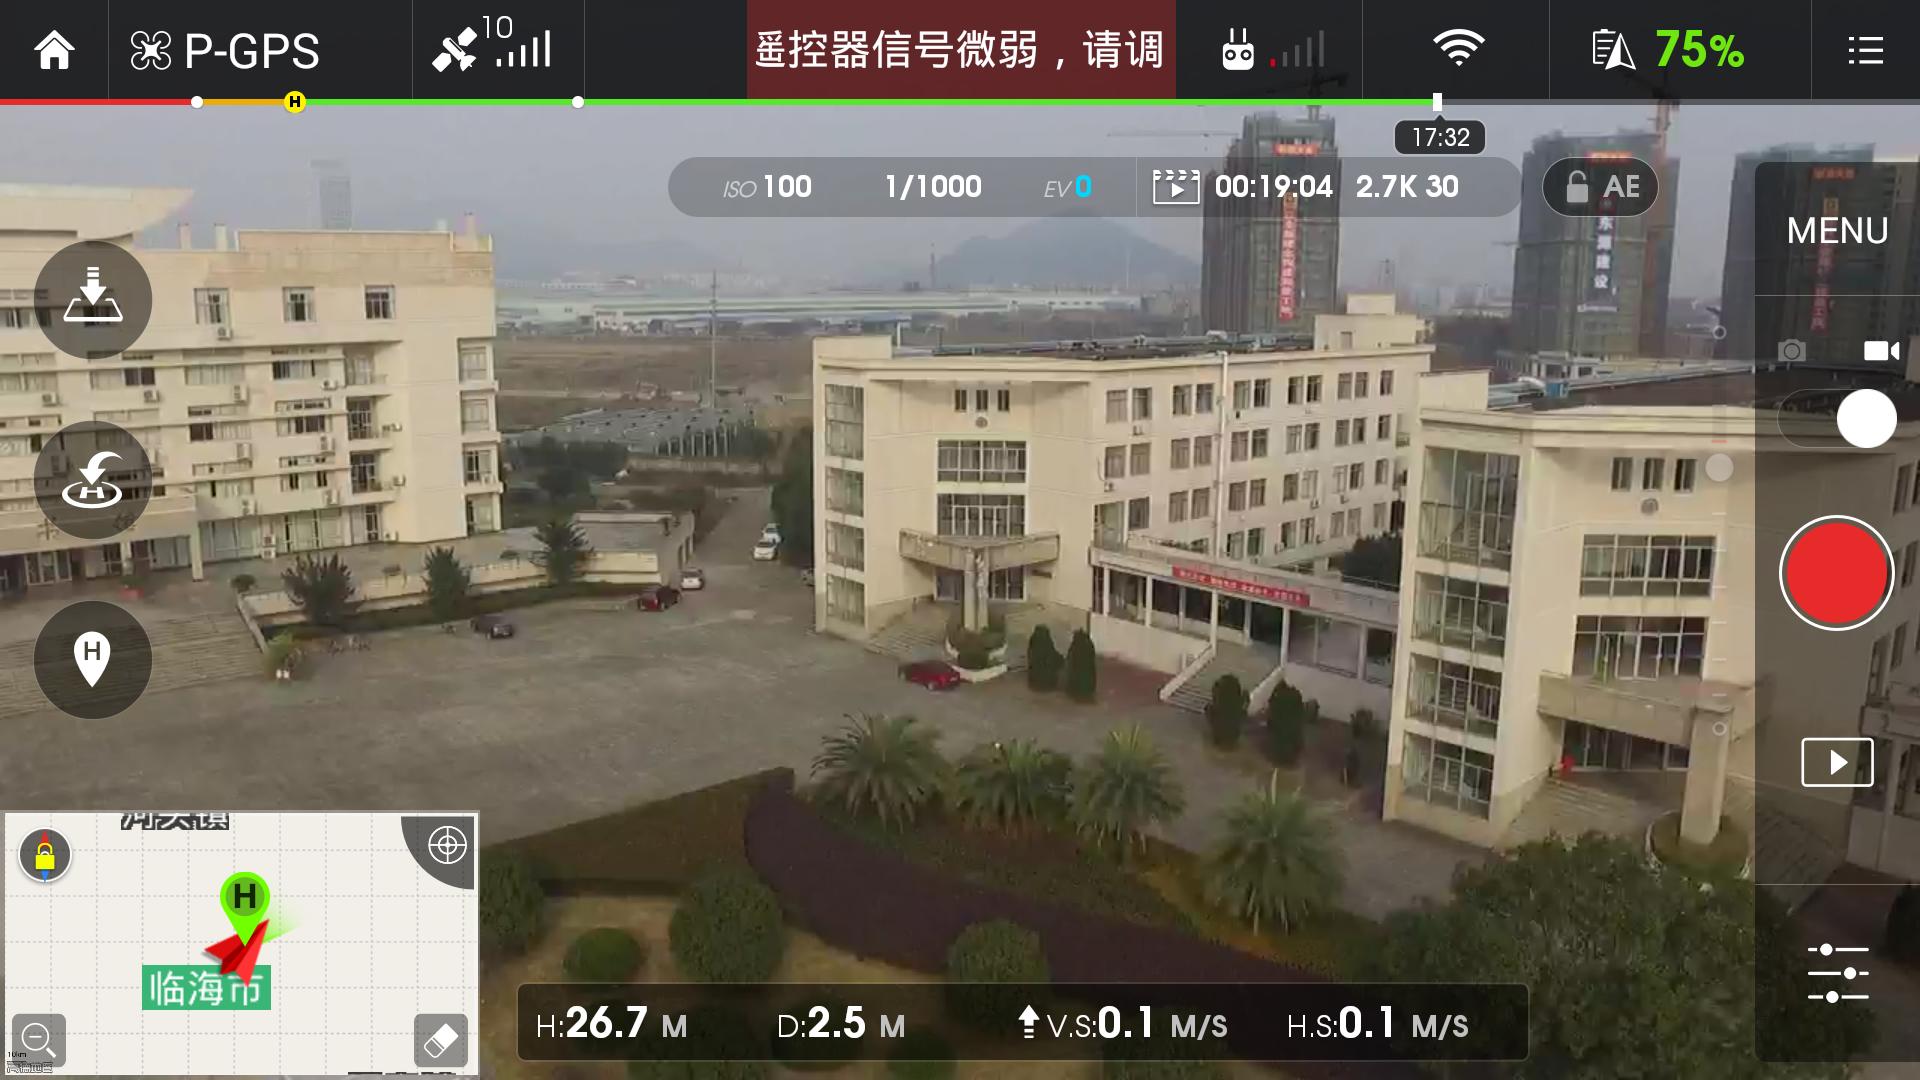 Screenshot_2015-12-31-14-27-31_dji.pilot.png